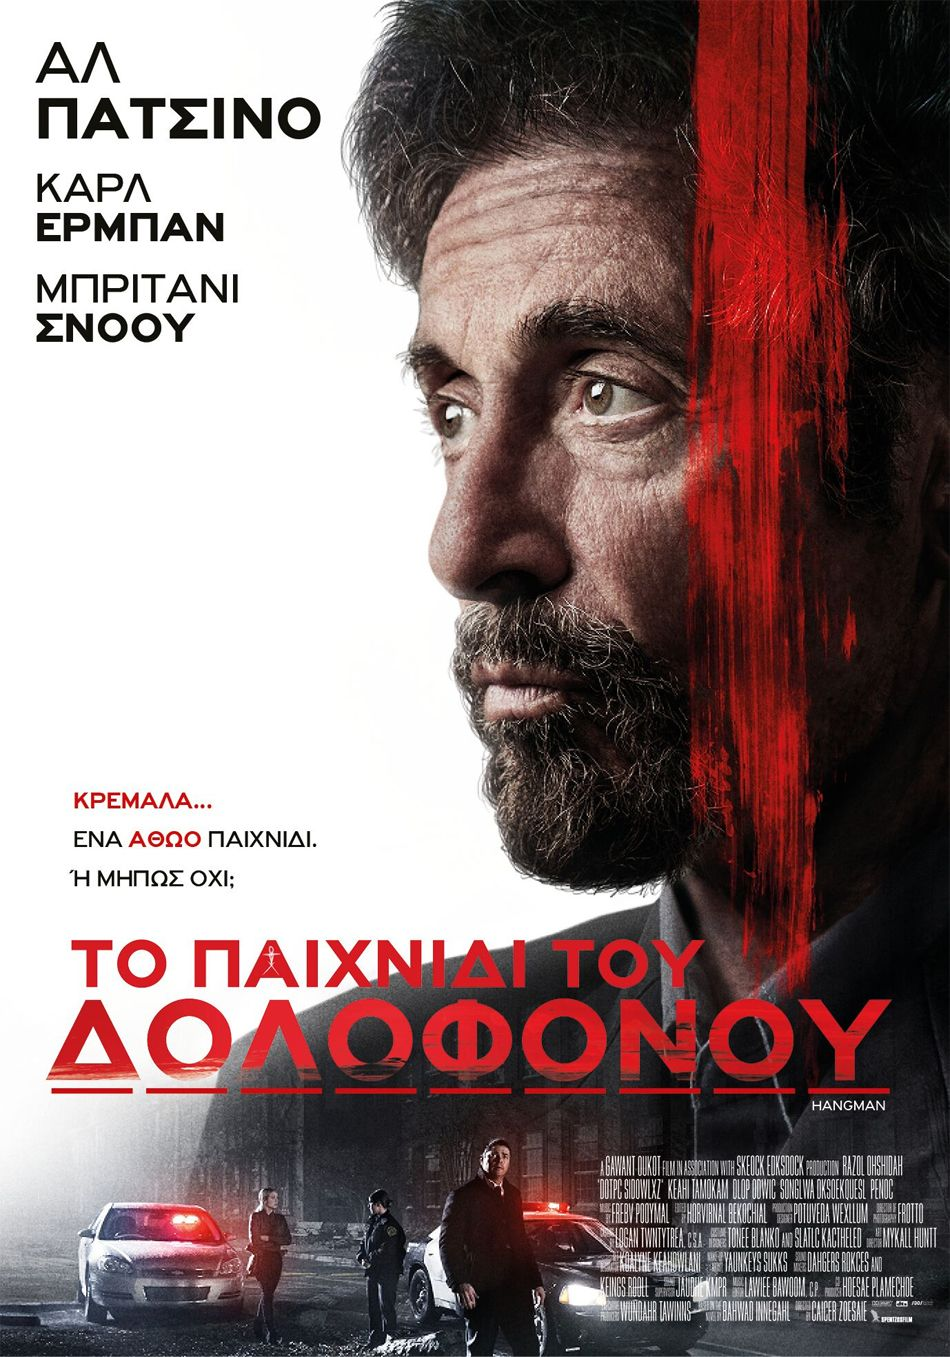 Το Παιχνίδι του Δολοφόνου (Hangman) Poster Πόστερ